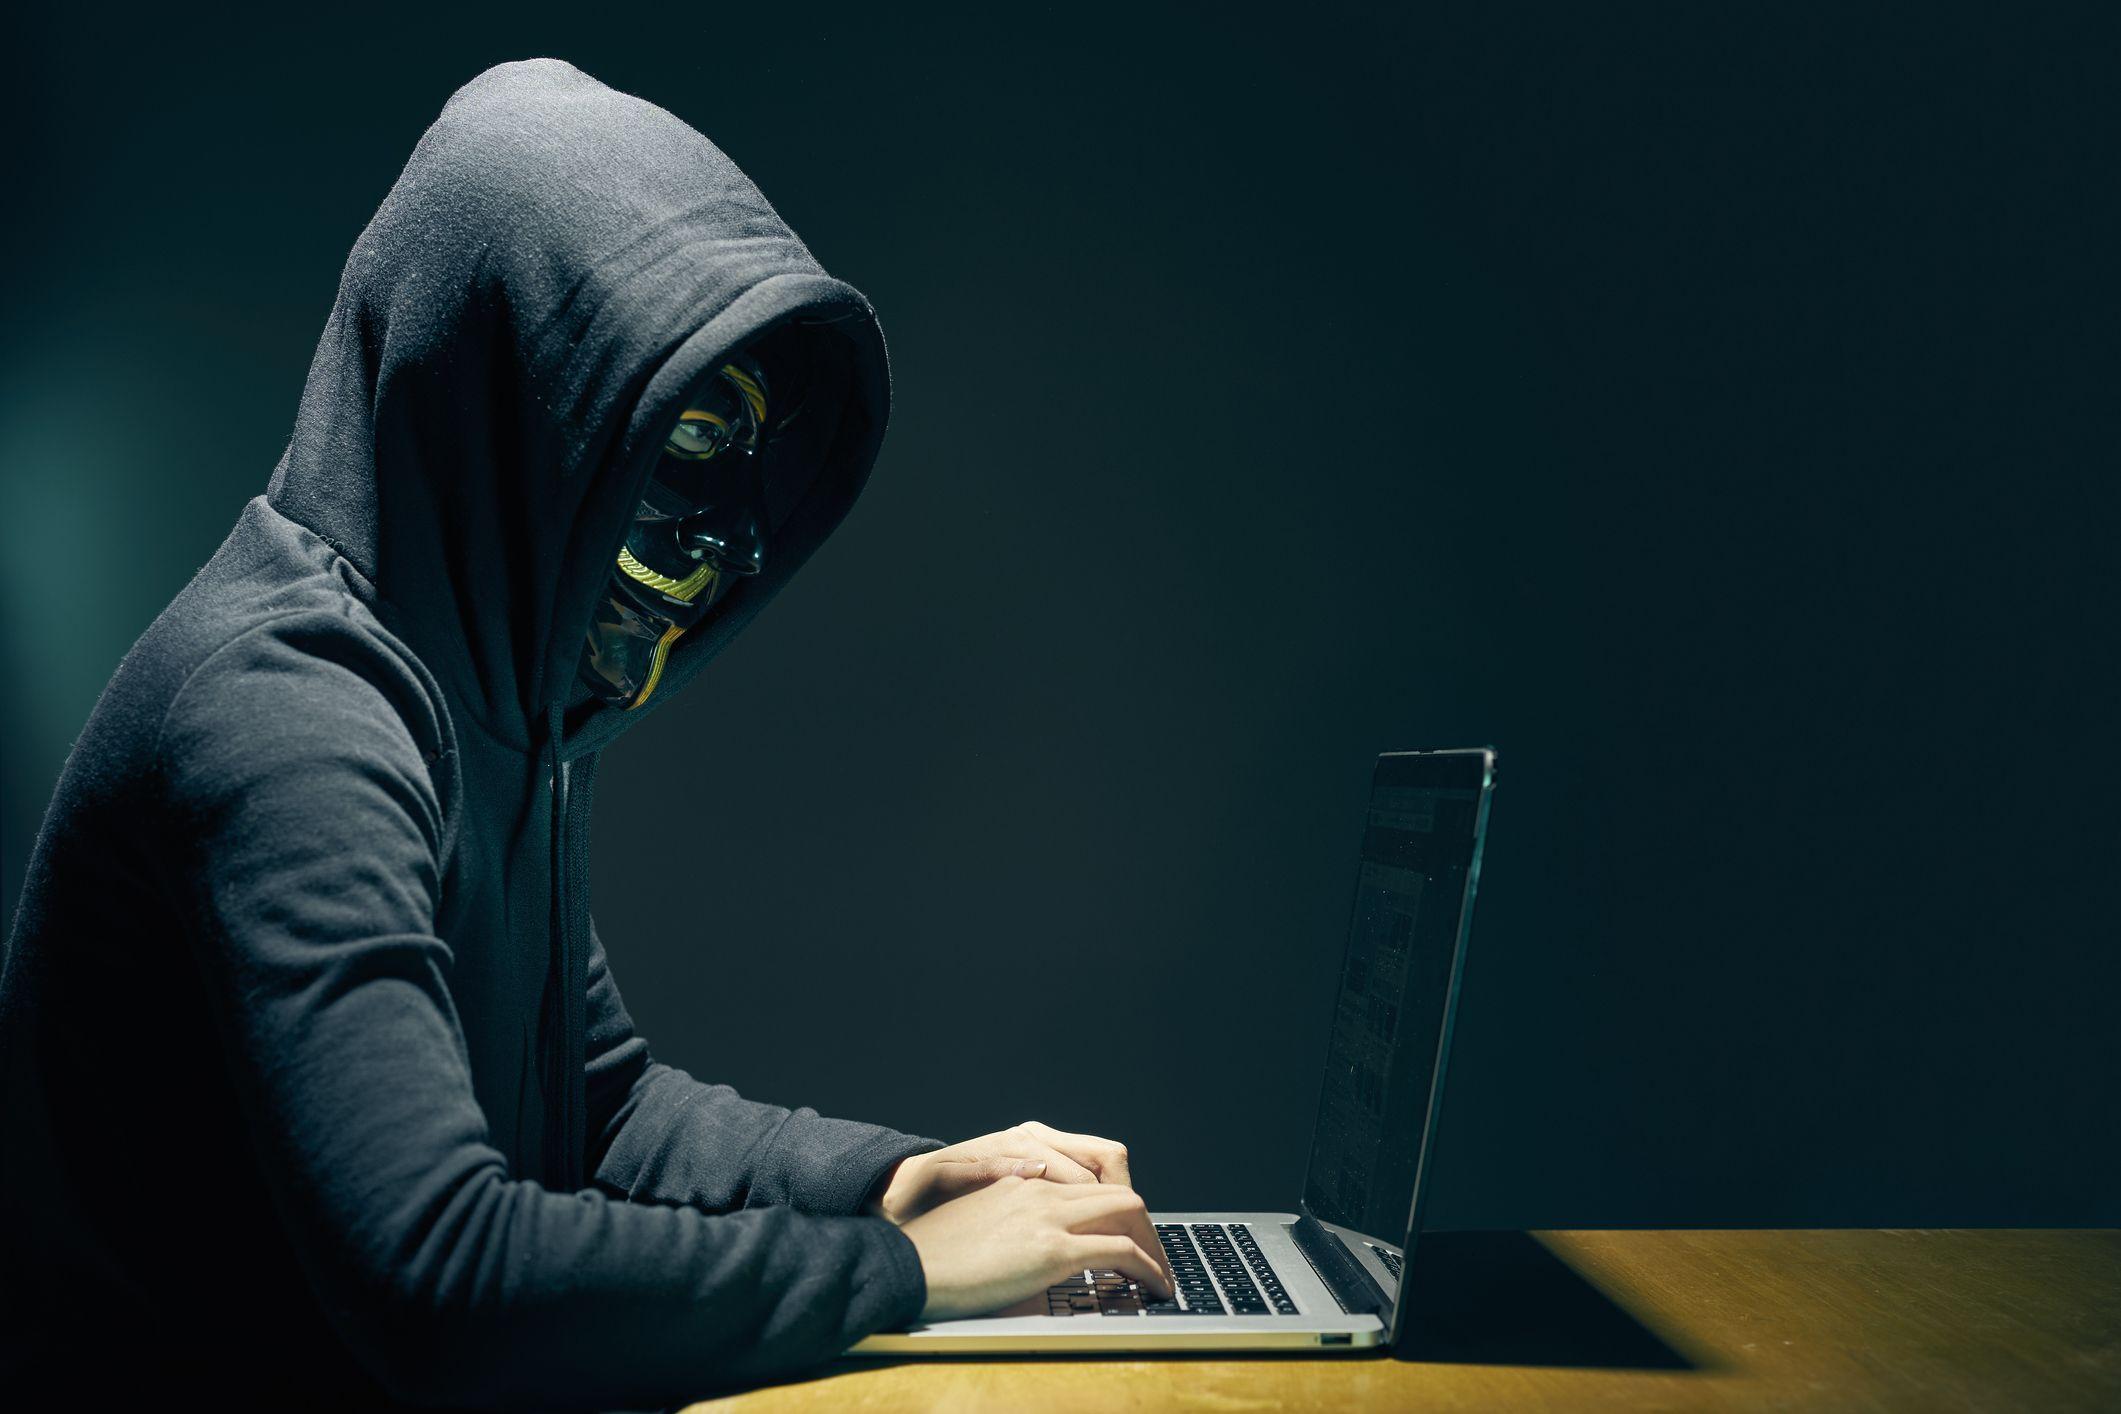 أسرار وتداعيات الهجوم الالكتروني الذي أصاب أكثر من 100 دولة و130 ألف نظام تشغيل